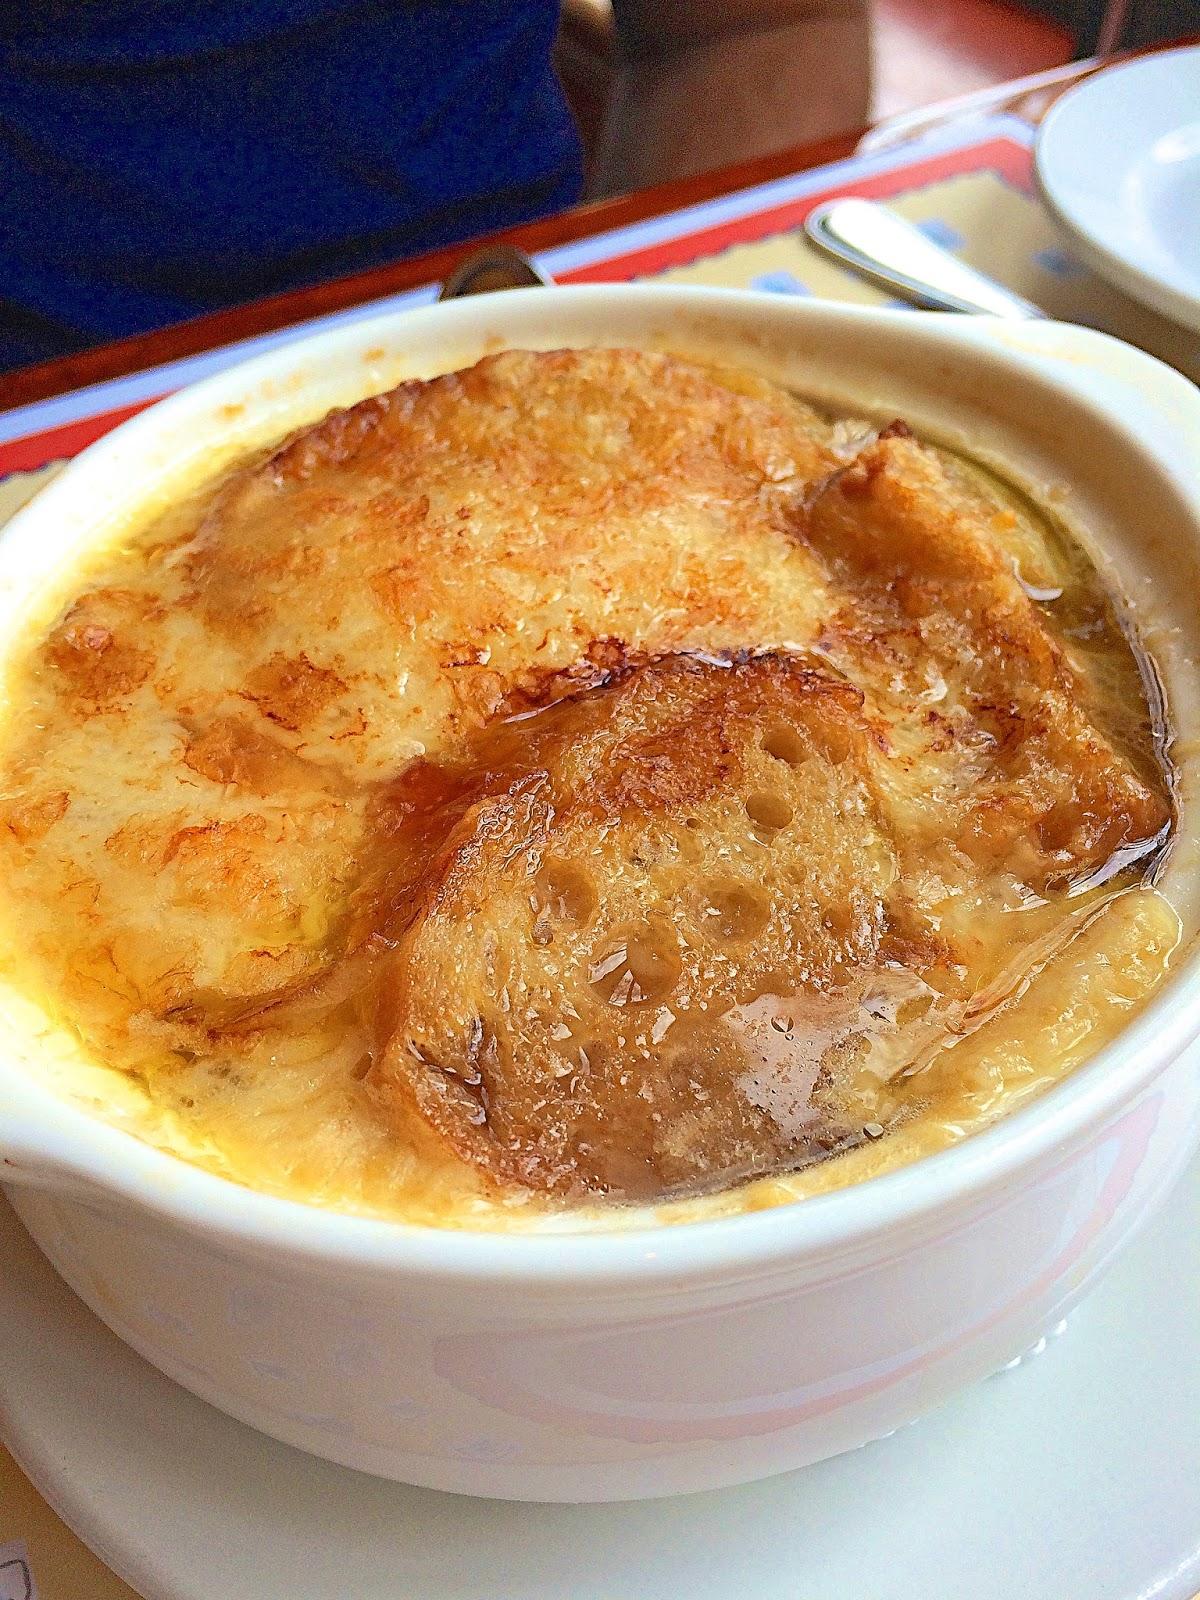 French Onion Soup - Les Chefs De France - Epcot - Walt Disney World